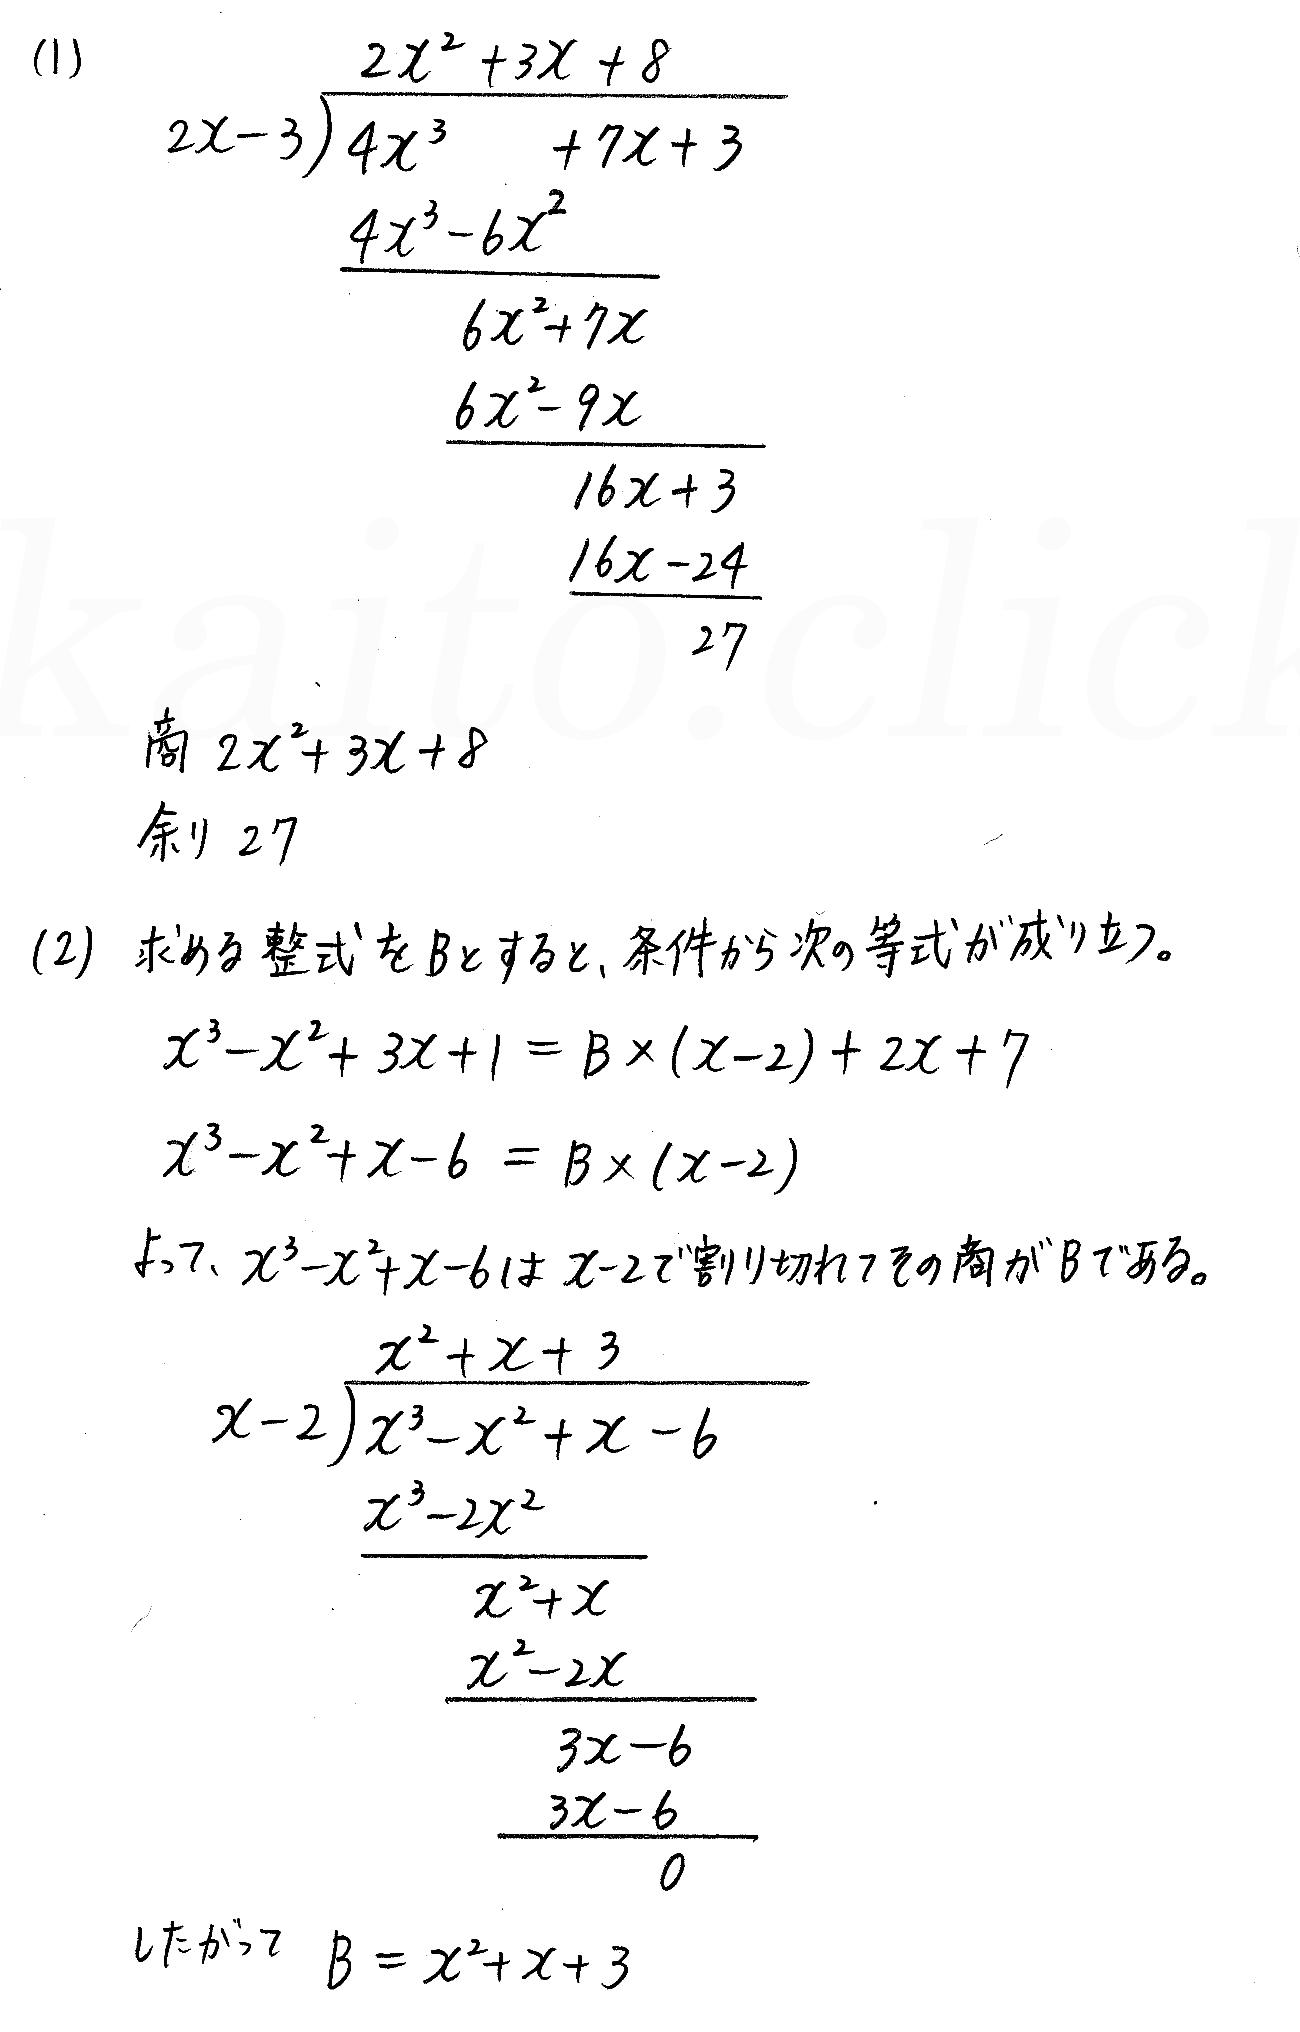 クリアー数学2-23解答